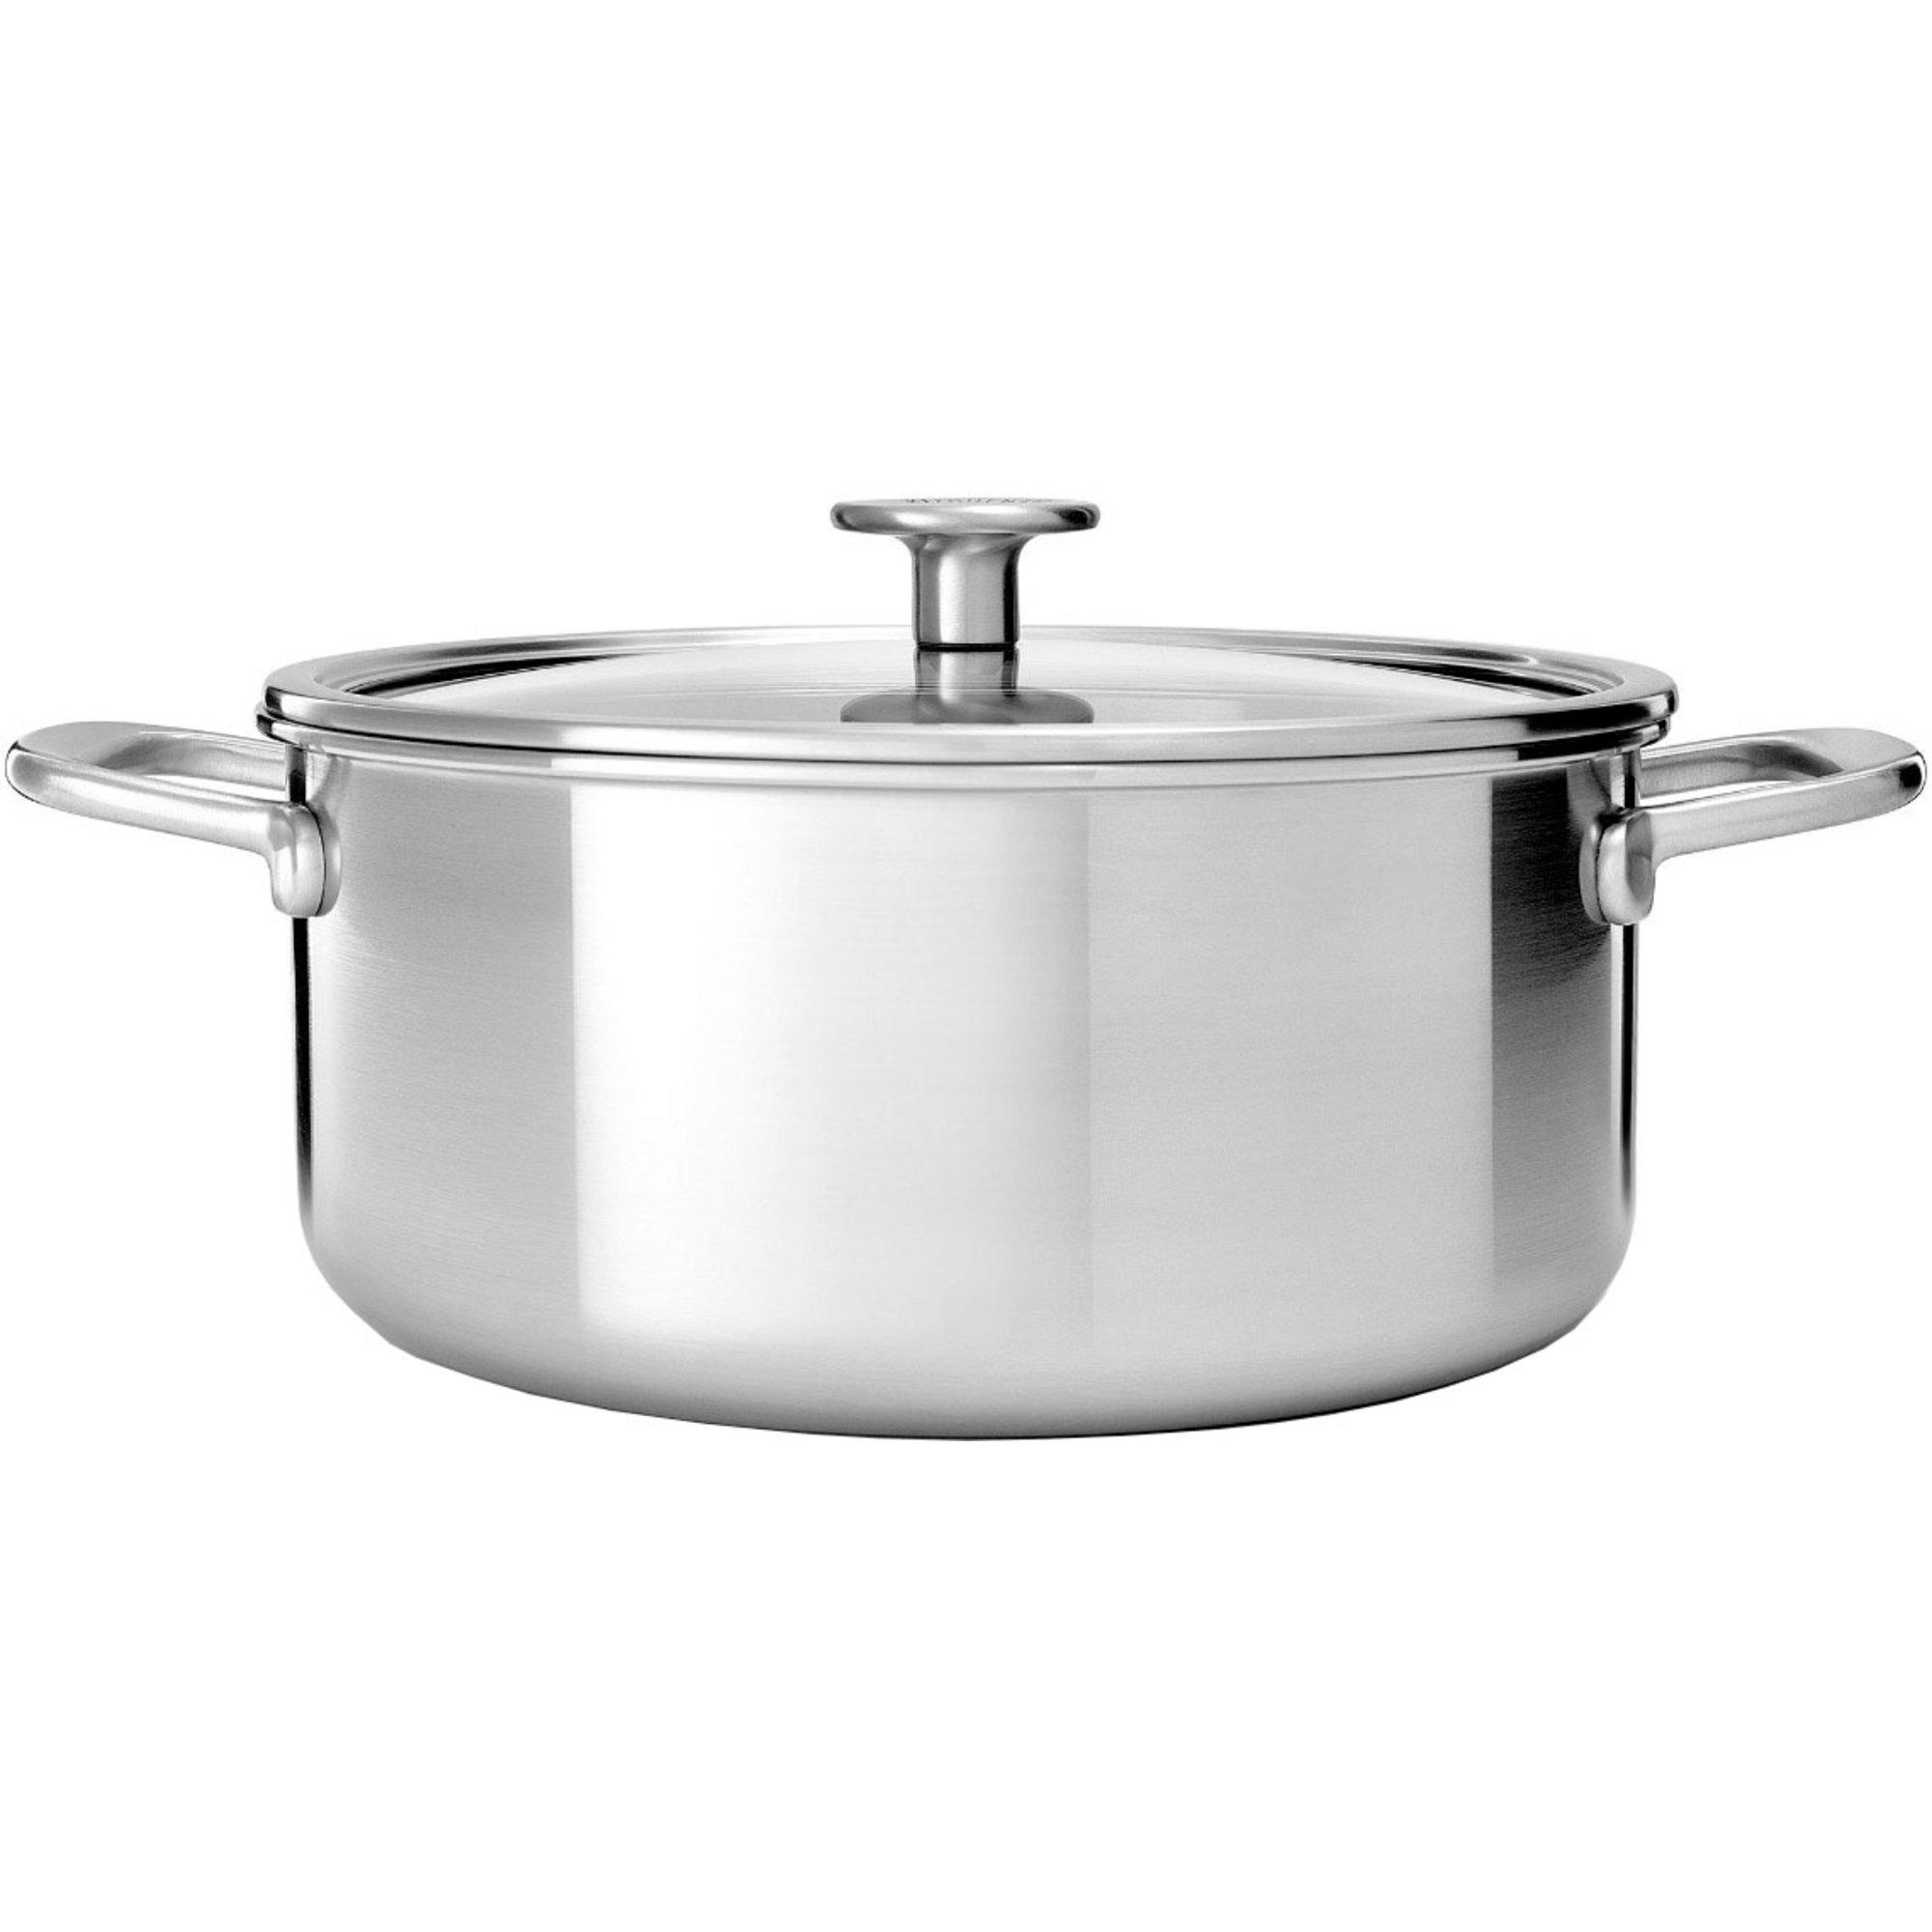 KitchenAid Cookware Collection Gryta m/lock rostfritt stål 24 cm